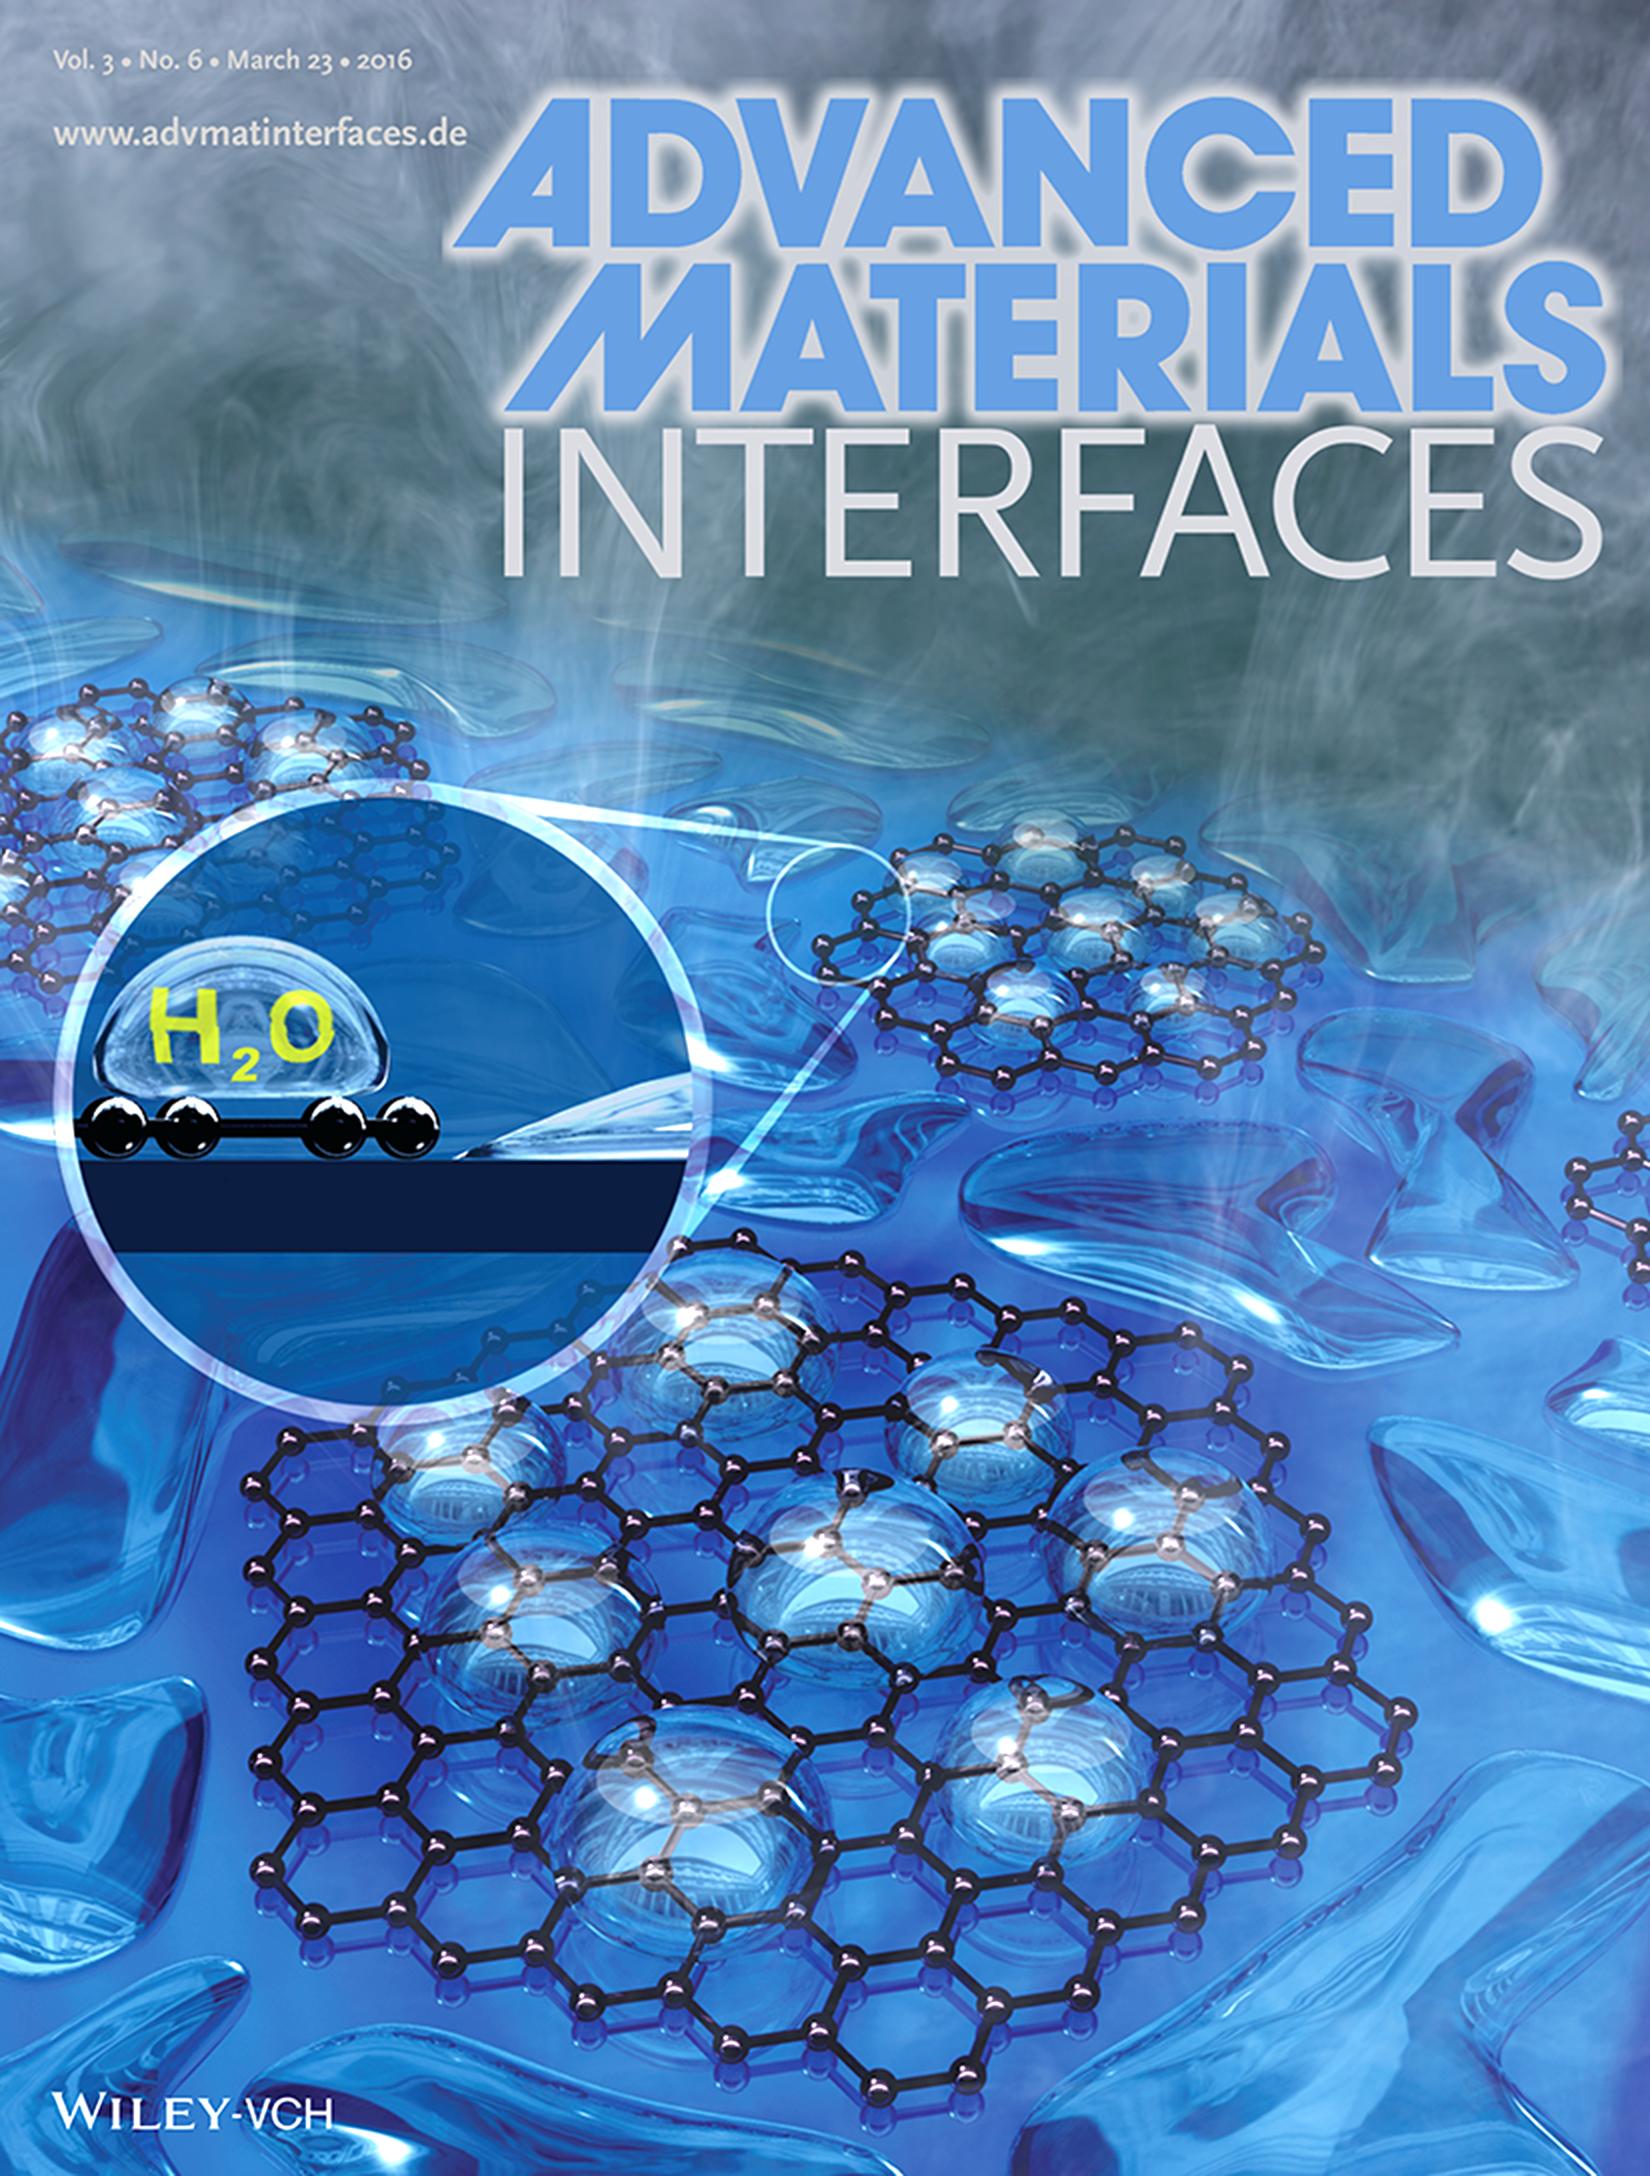 Titelthema in der Fachzeitschrift Advanced Materials Interfaces: das Waschen mit Nanopartikeln.